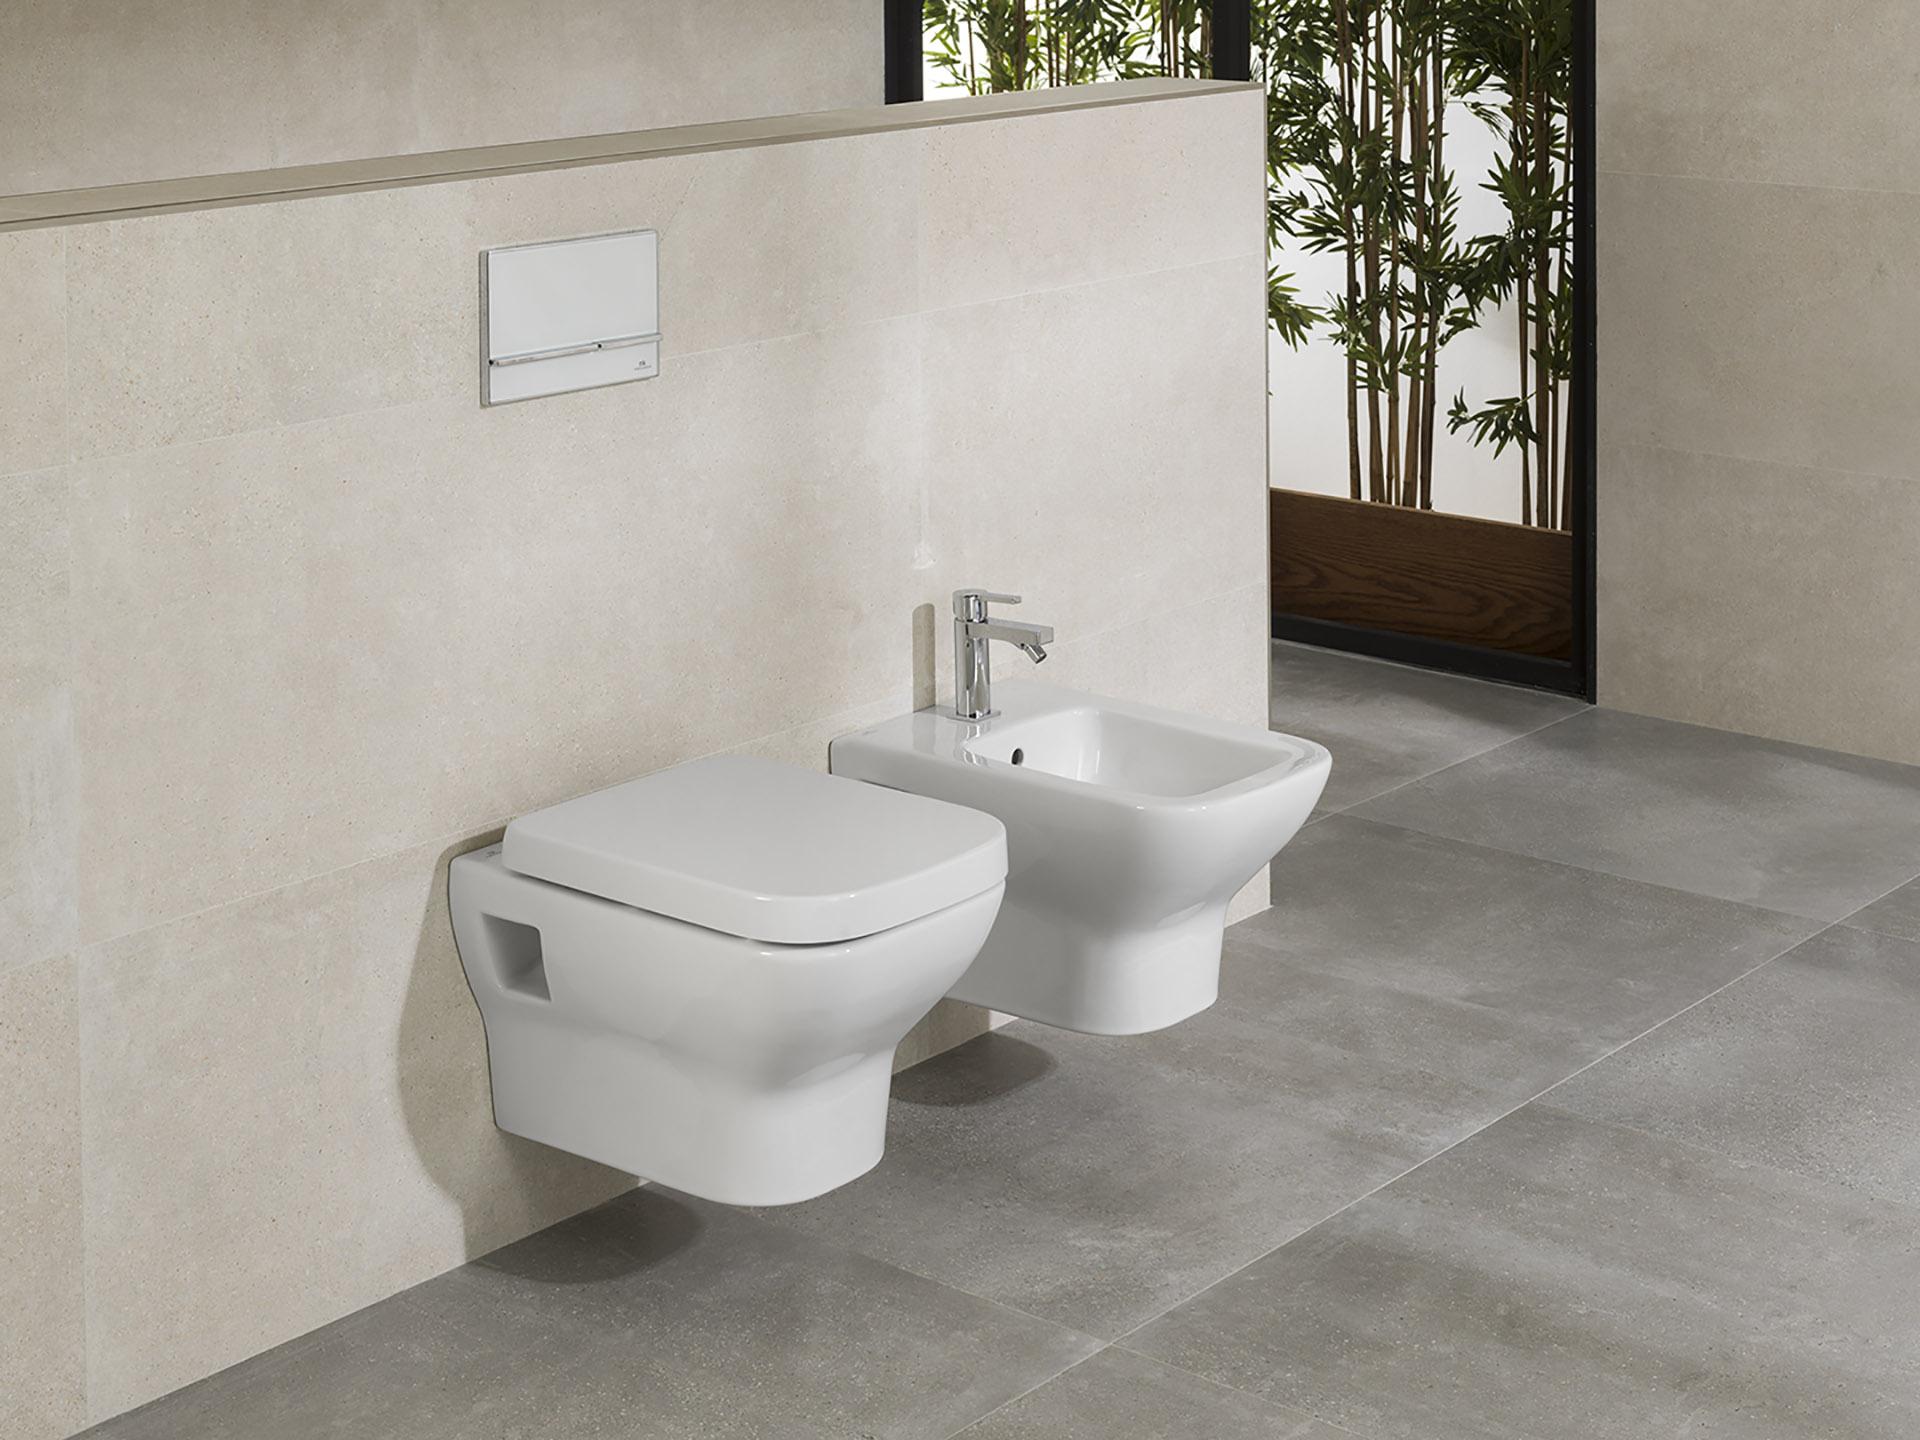 URBAN C   Noken Porcelanosa Bathrooms